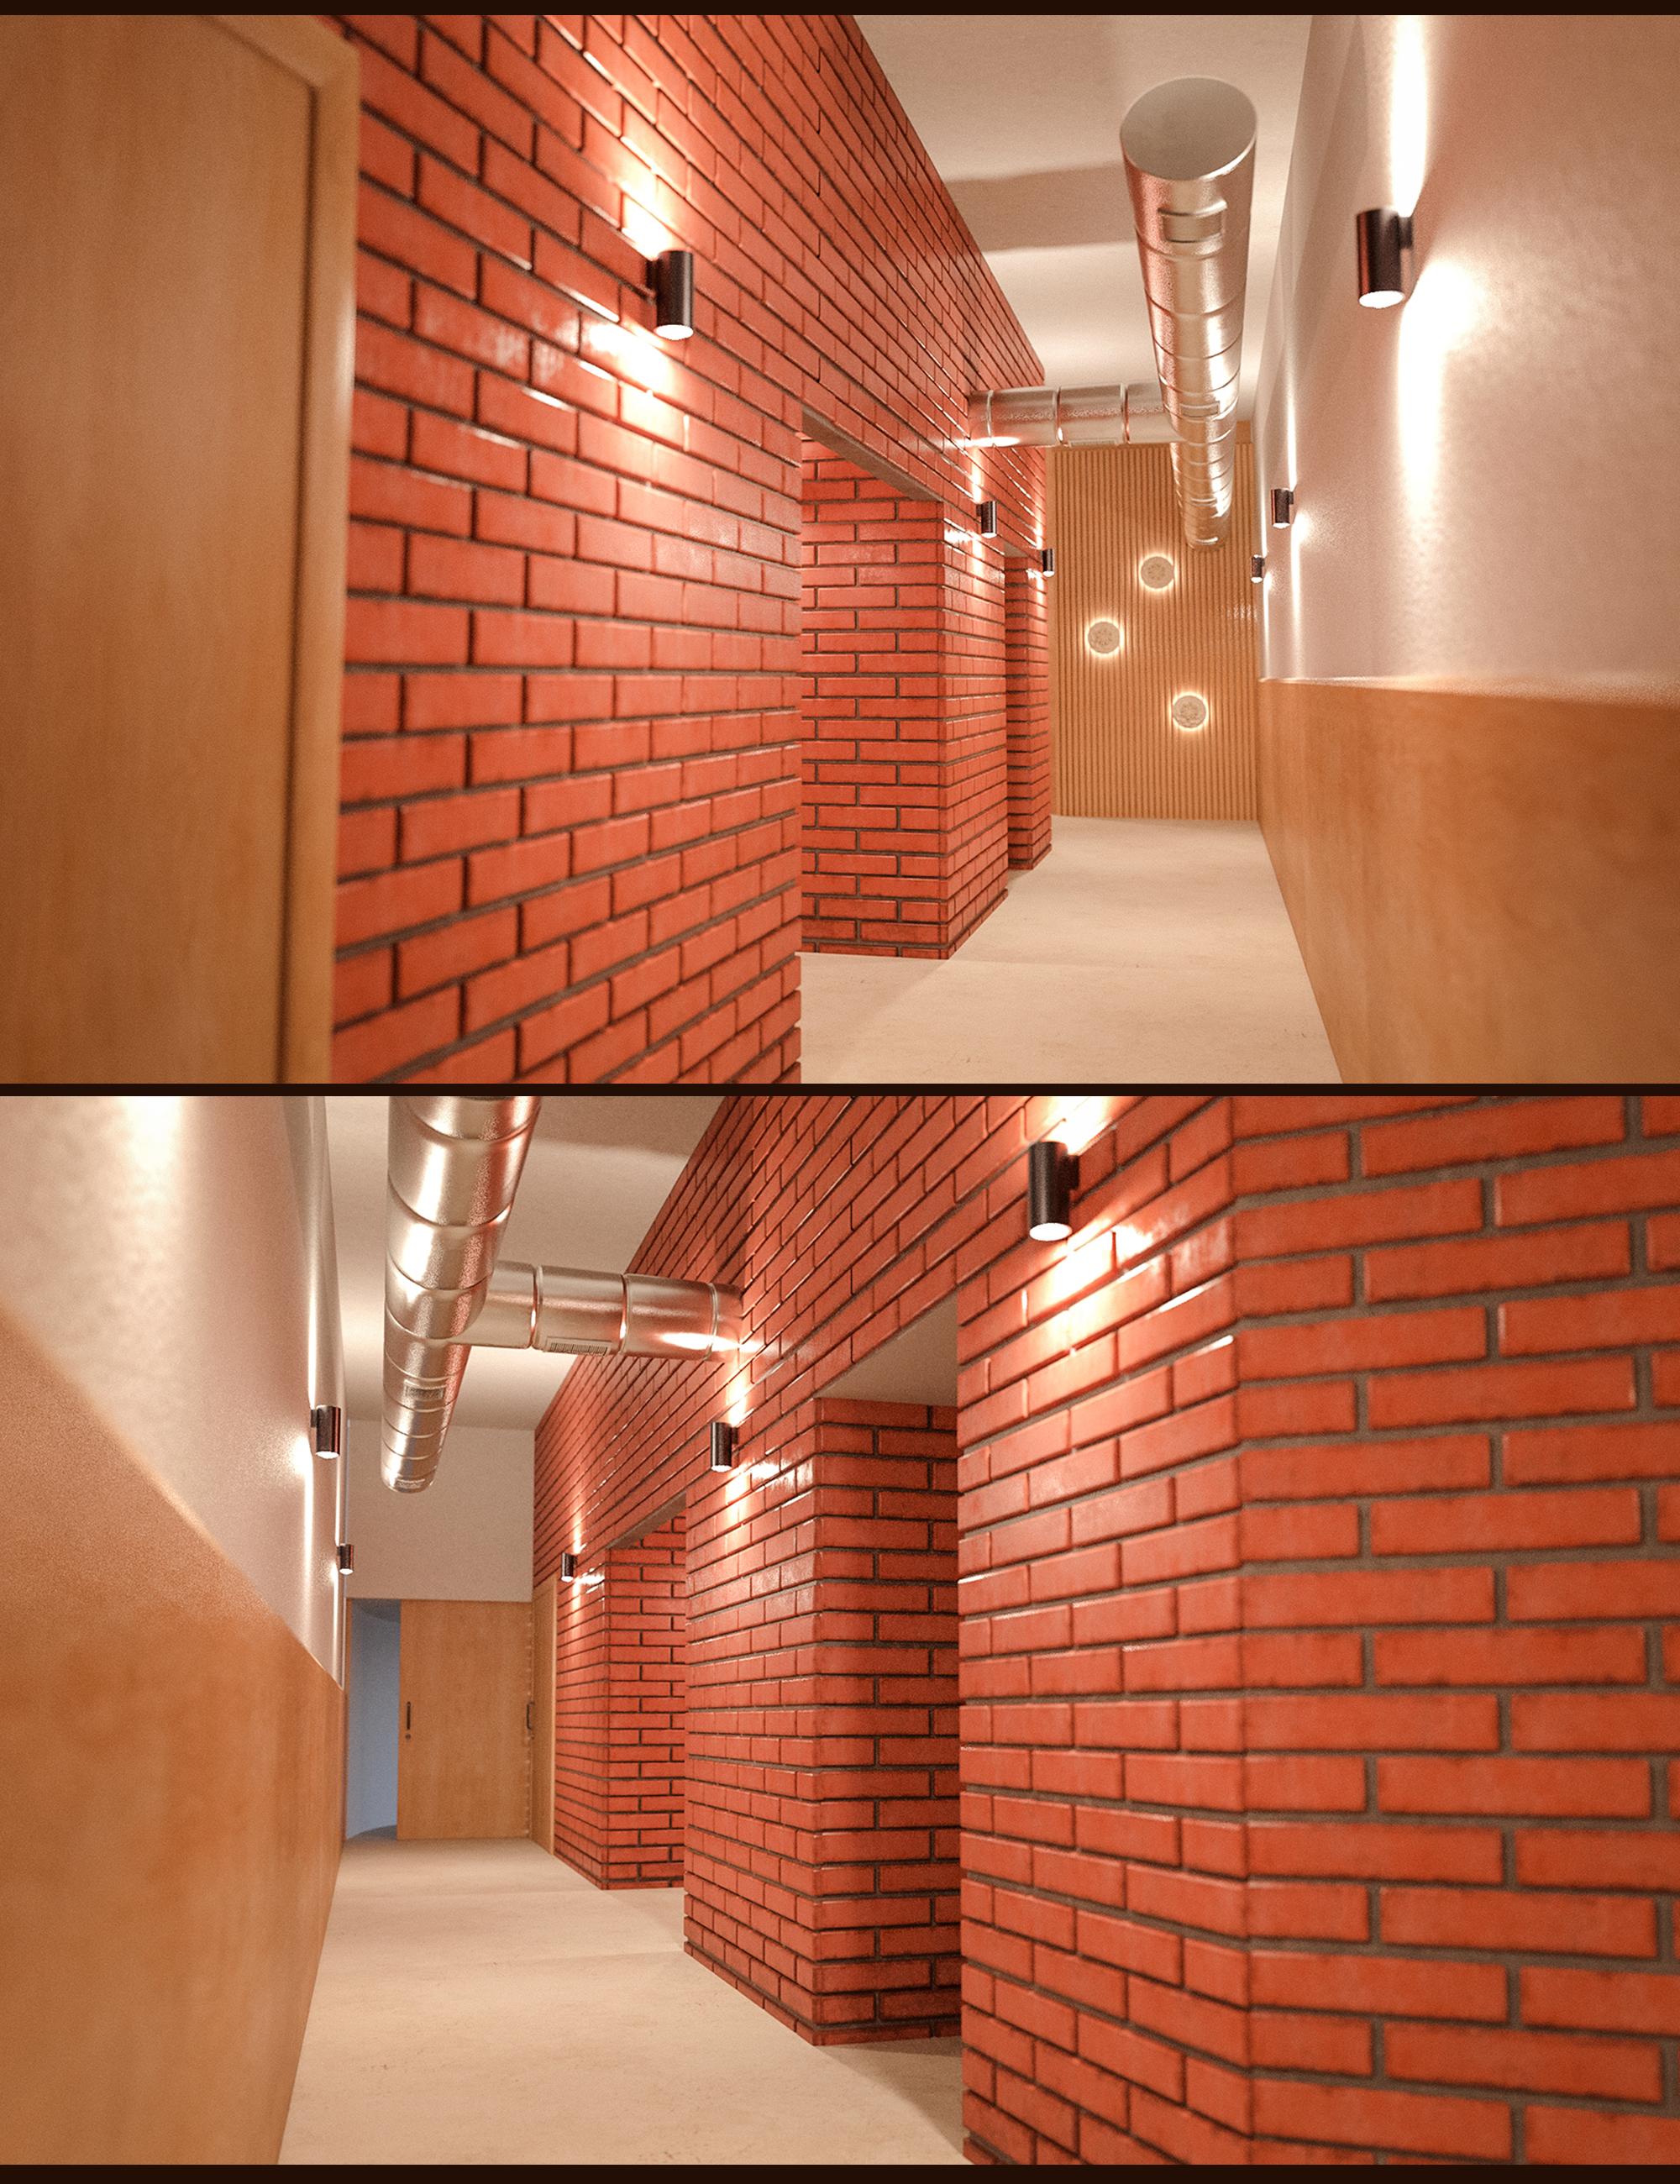 Yoga Club Corridor by: Polish, 3D Models by Daz 3D